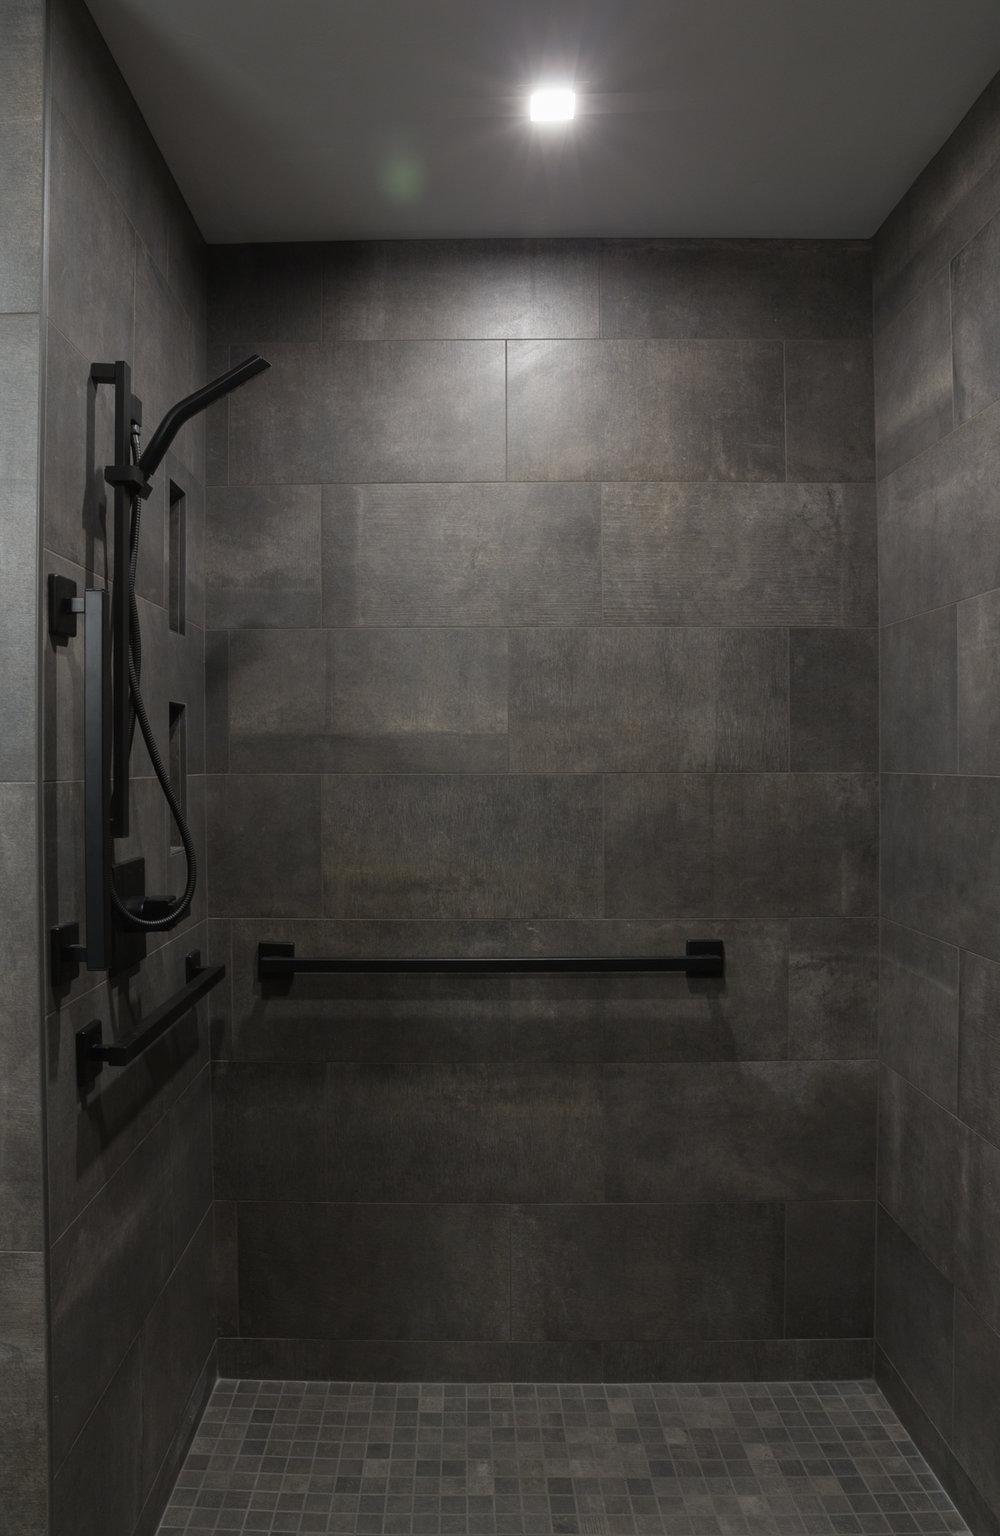 NorthFlatLuxurySuite_Shower_22EastCenter4.jpg